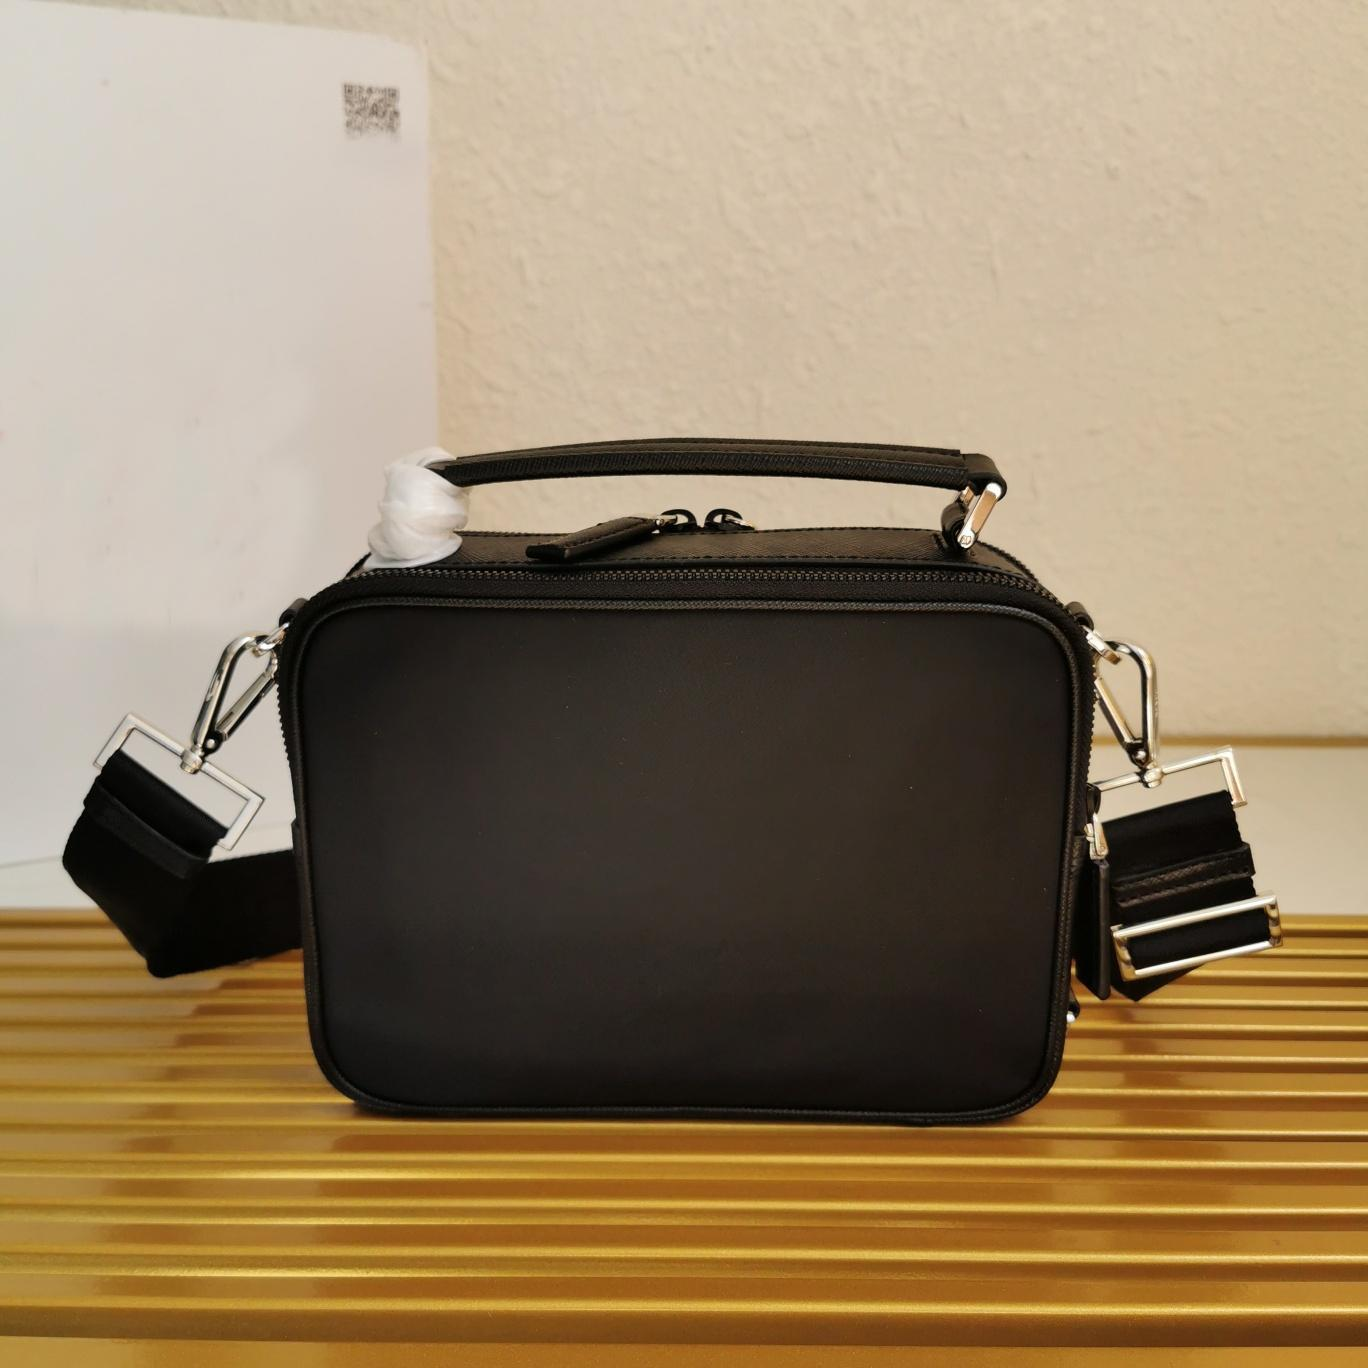 2020 бренд сумки цепь мужчин круг кожаные сумки на ремнях реальные женские кошельки мужские сумки сумки дизайнеры crossbody известная роскошь Handb Vsil